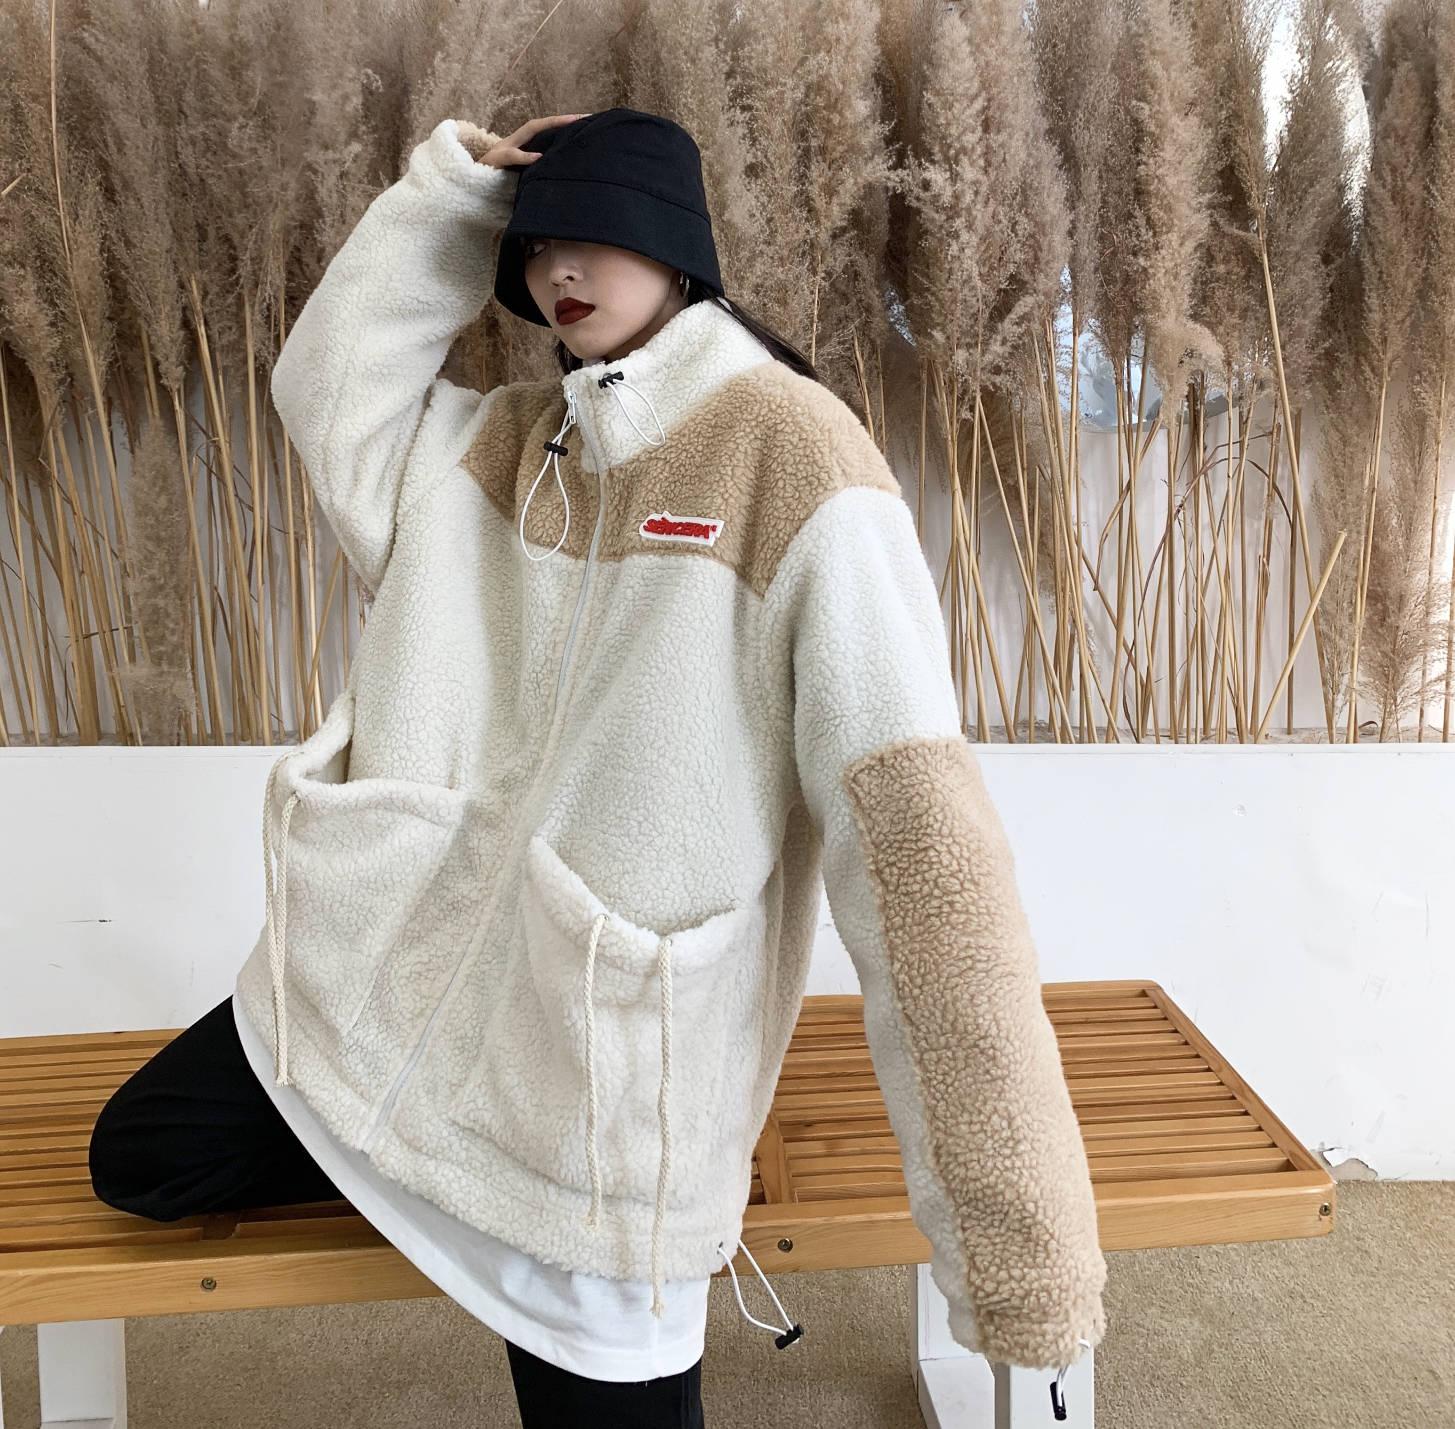 实拍 2019年冬装新款羊羔毛外套港风韩版复古潮女装夹克情侣装-思宇服饰-